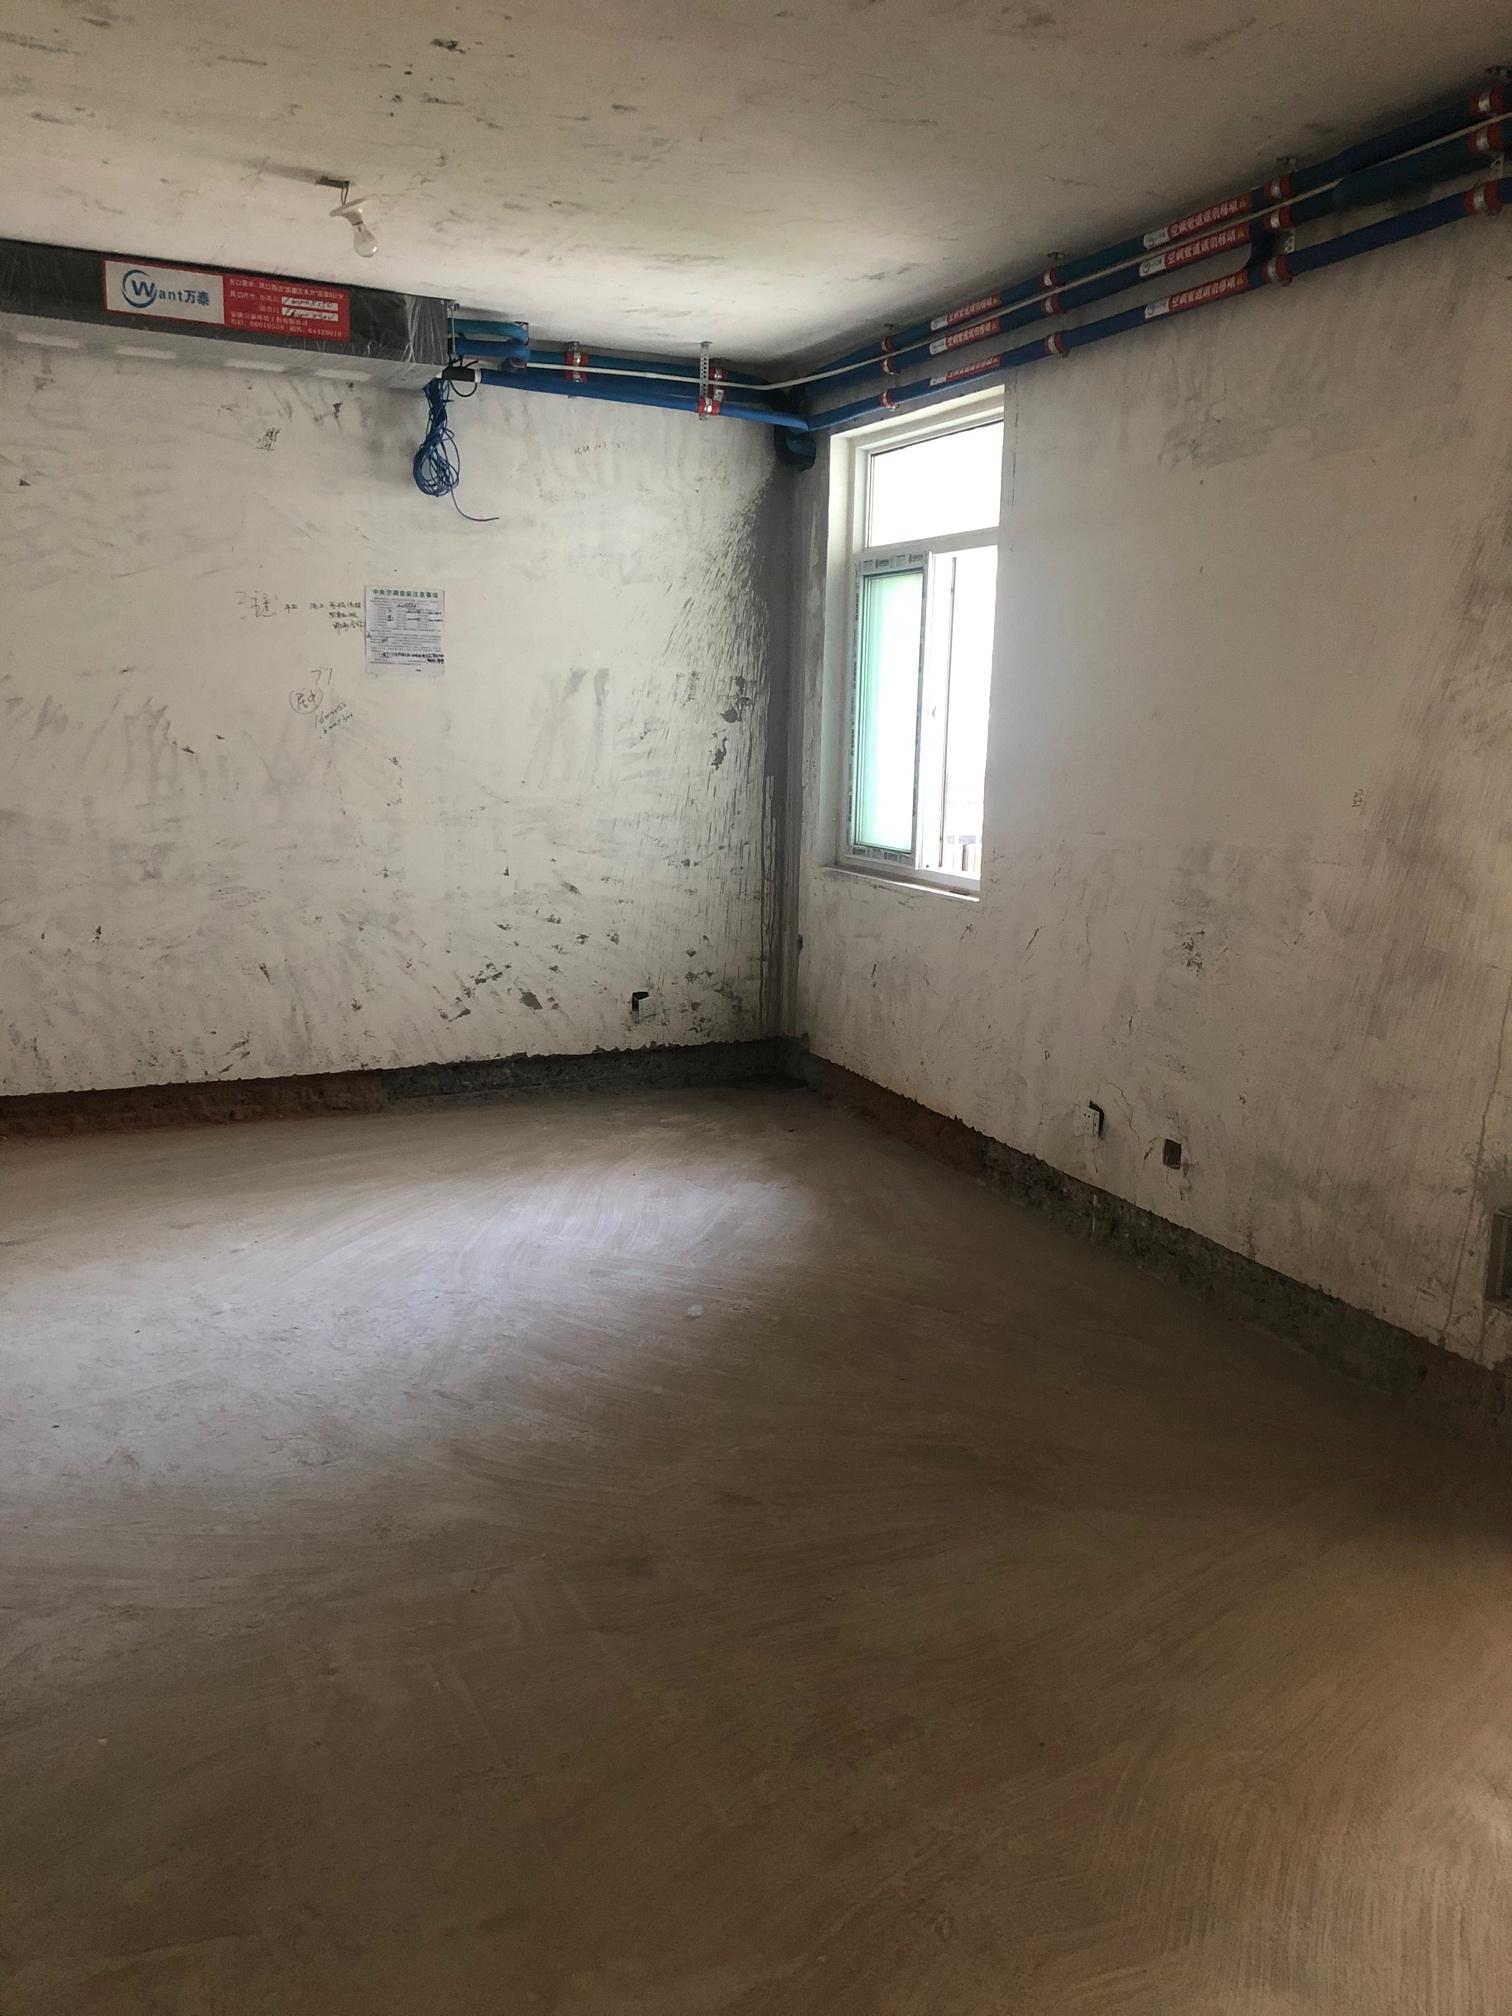 客厅就一个窗户,家里装修风格是现代简约风格,墙布想贴浅灰色,也是当下流行色